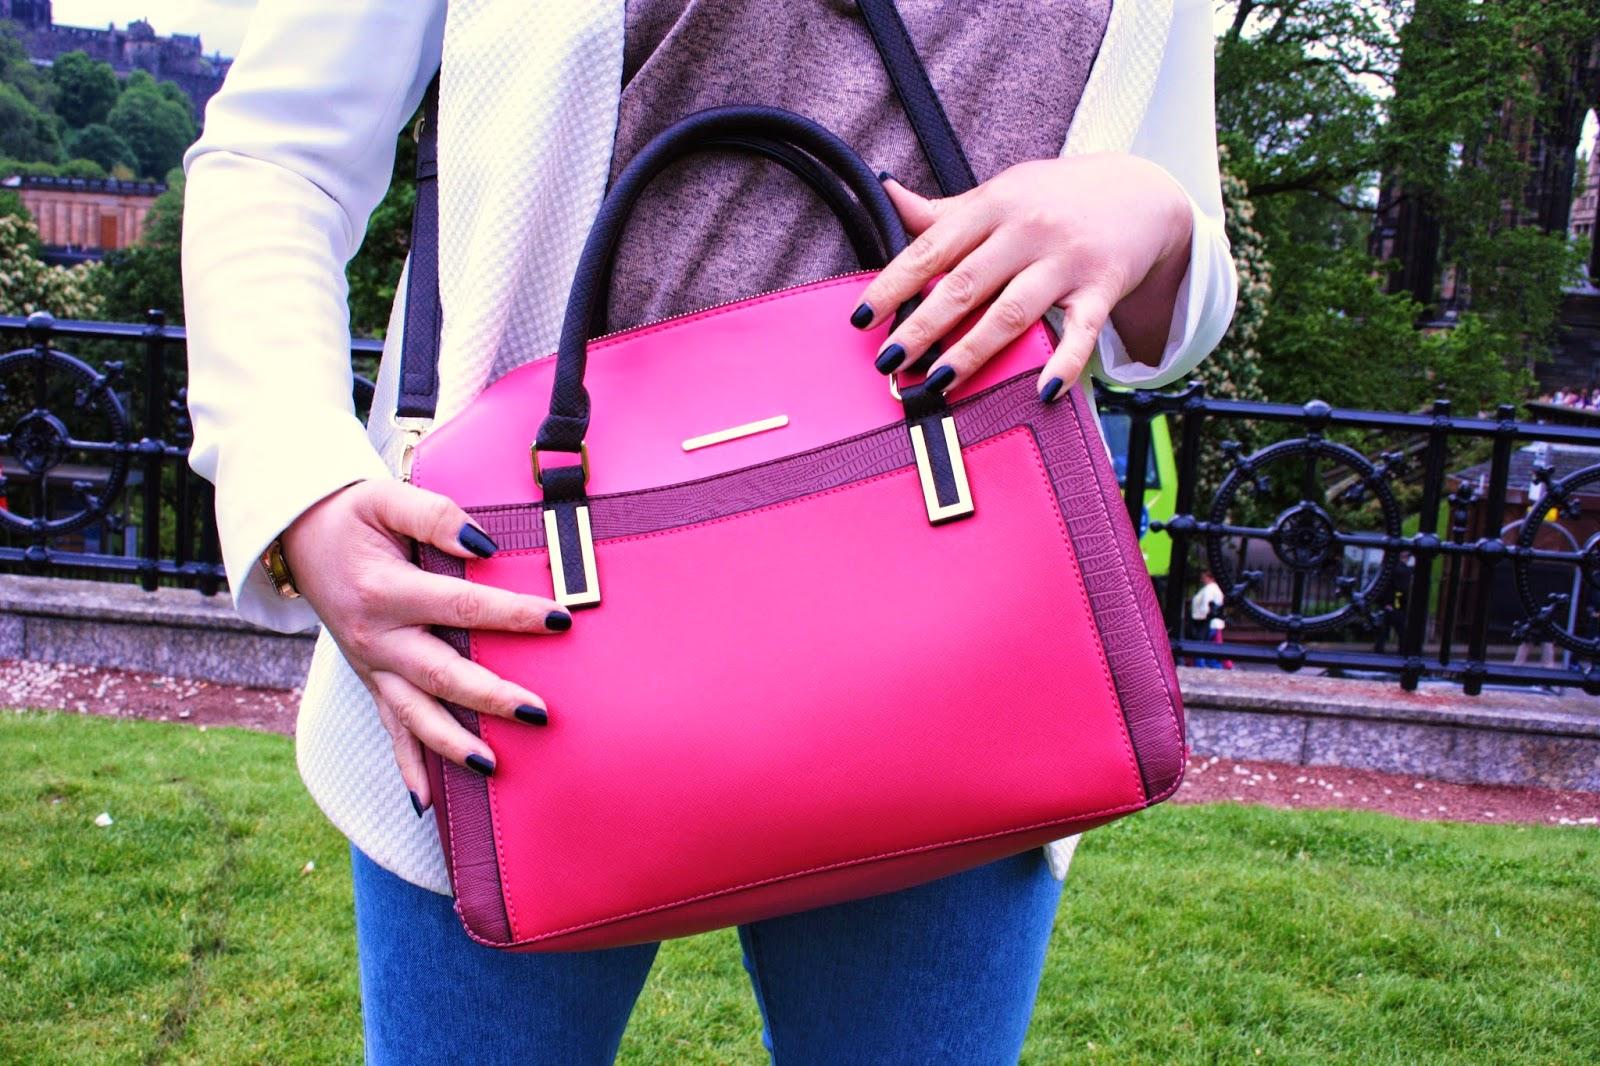 blogger photos